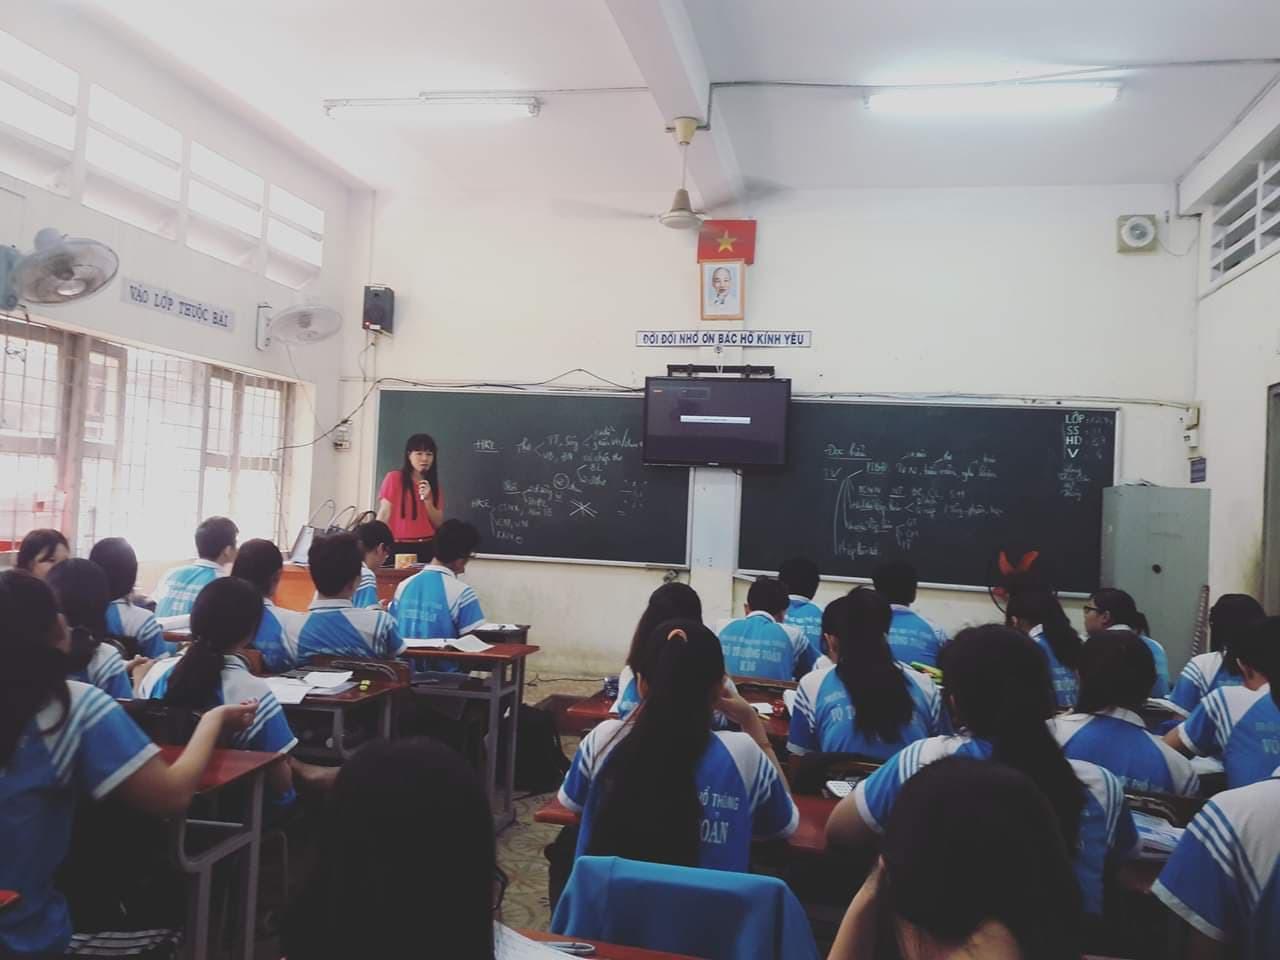 Gợi ý phương pháp để học sinh yếu, trung bình có thể đạt điểm cao môn Ngữ văn thi THPT quốc gia  - Ảnh 1.